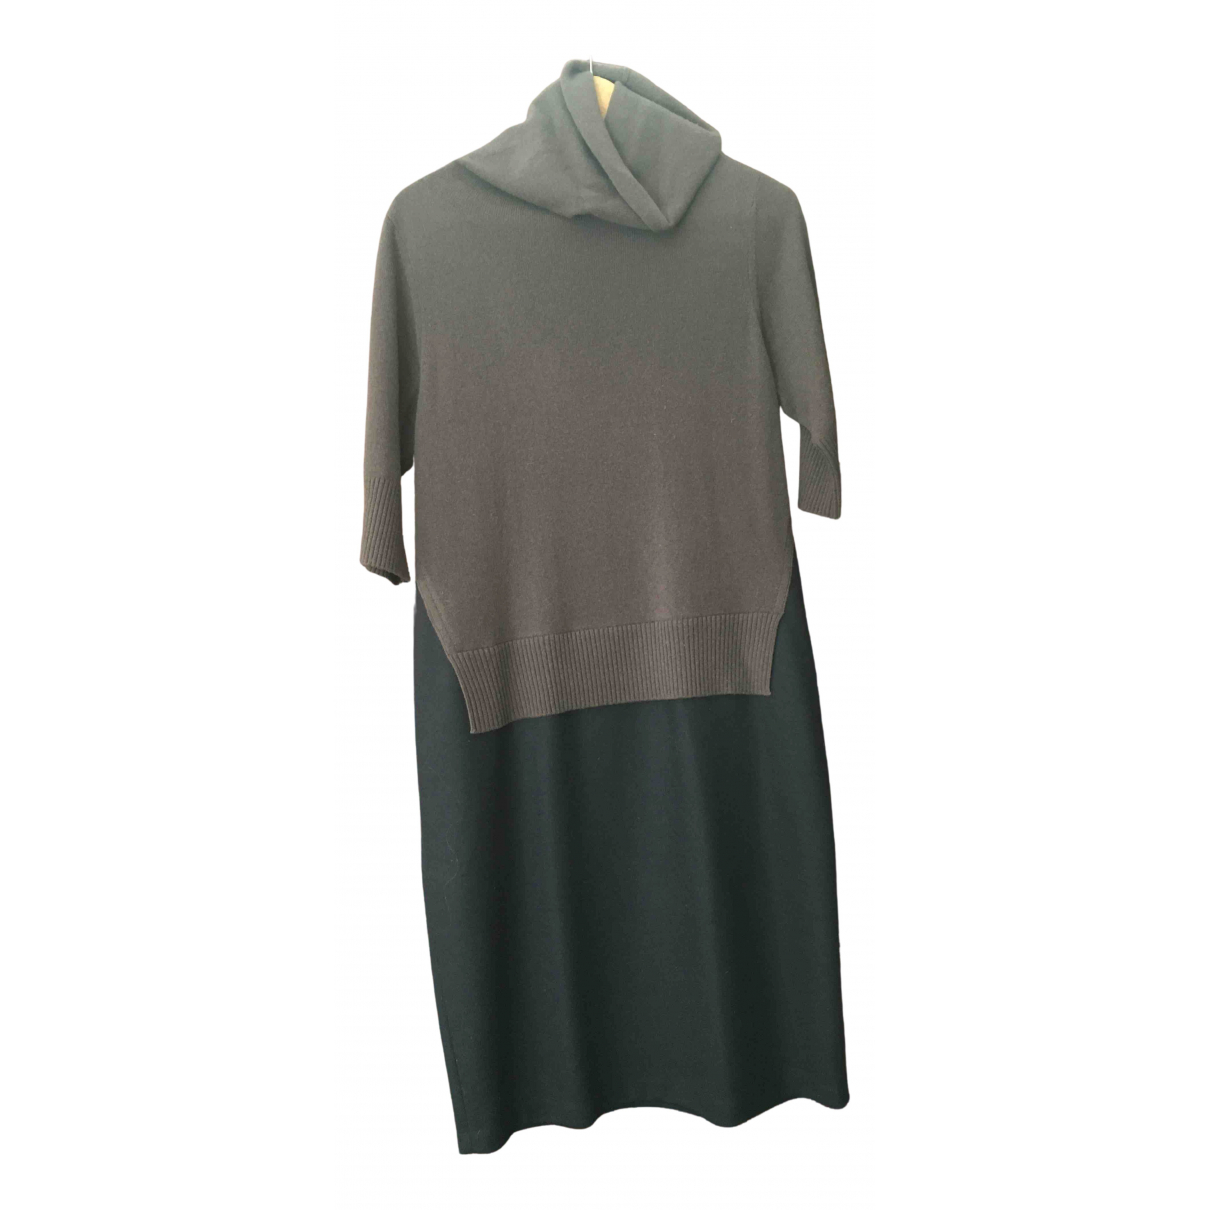 Fabiana Filippi N Multicolour Wool dress for Women 40 IT